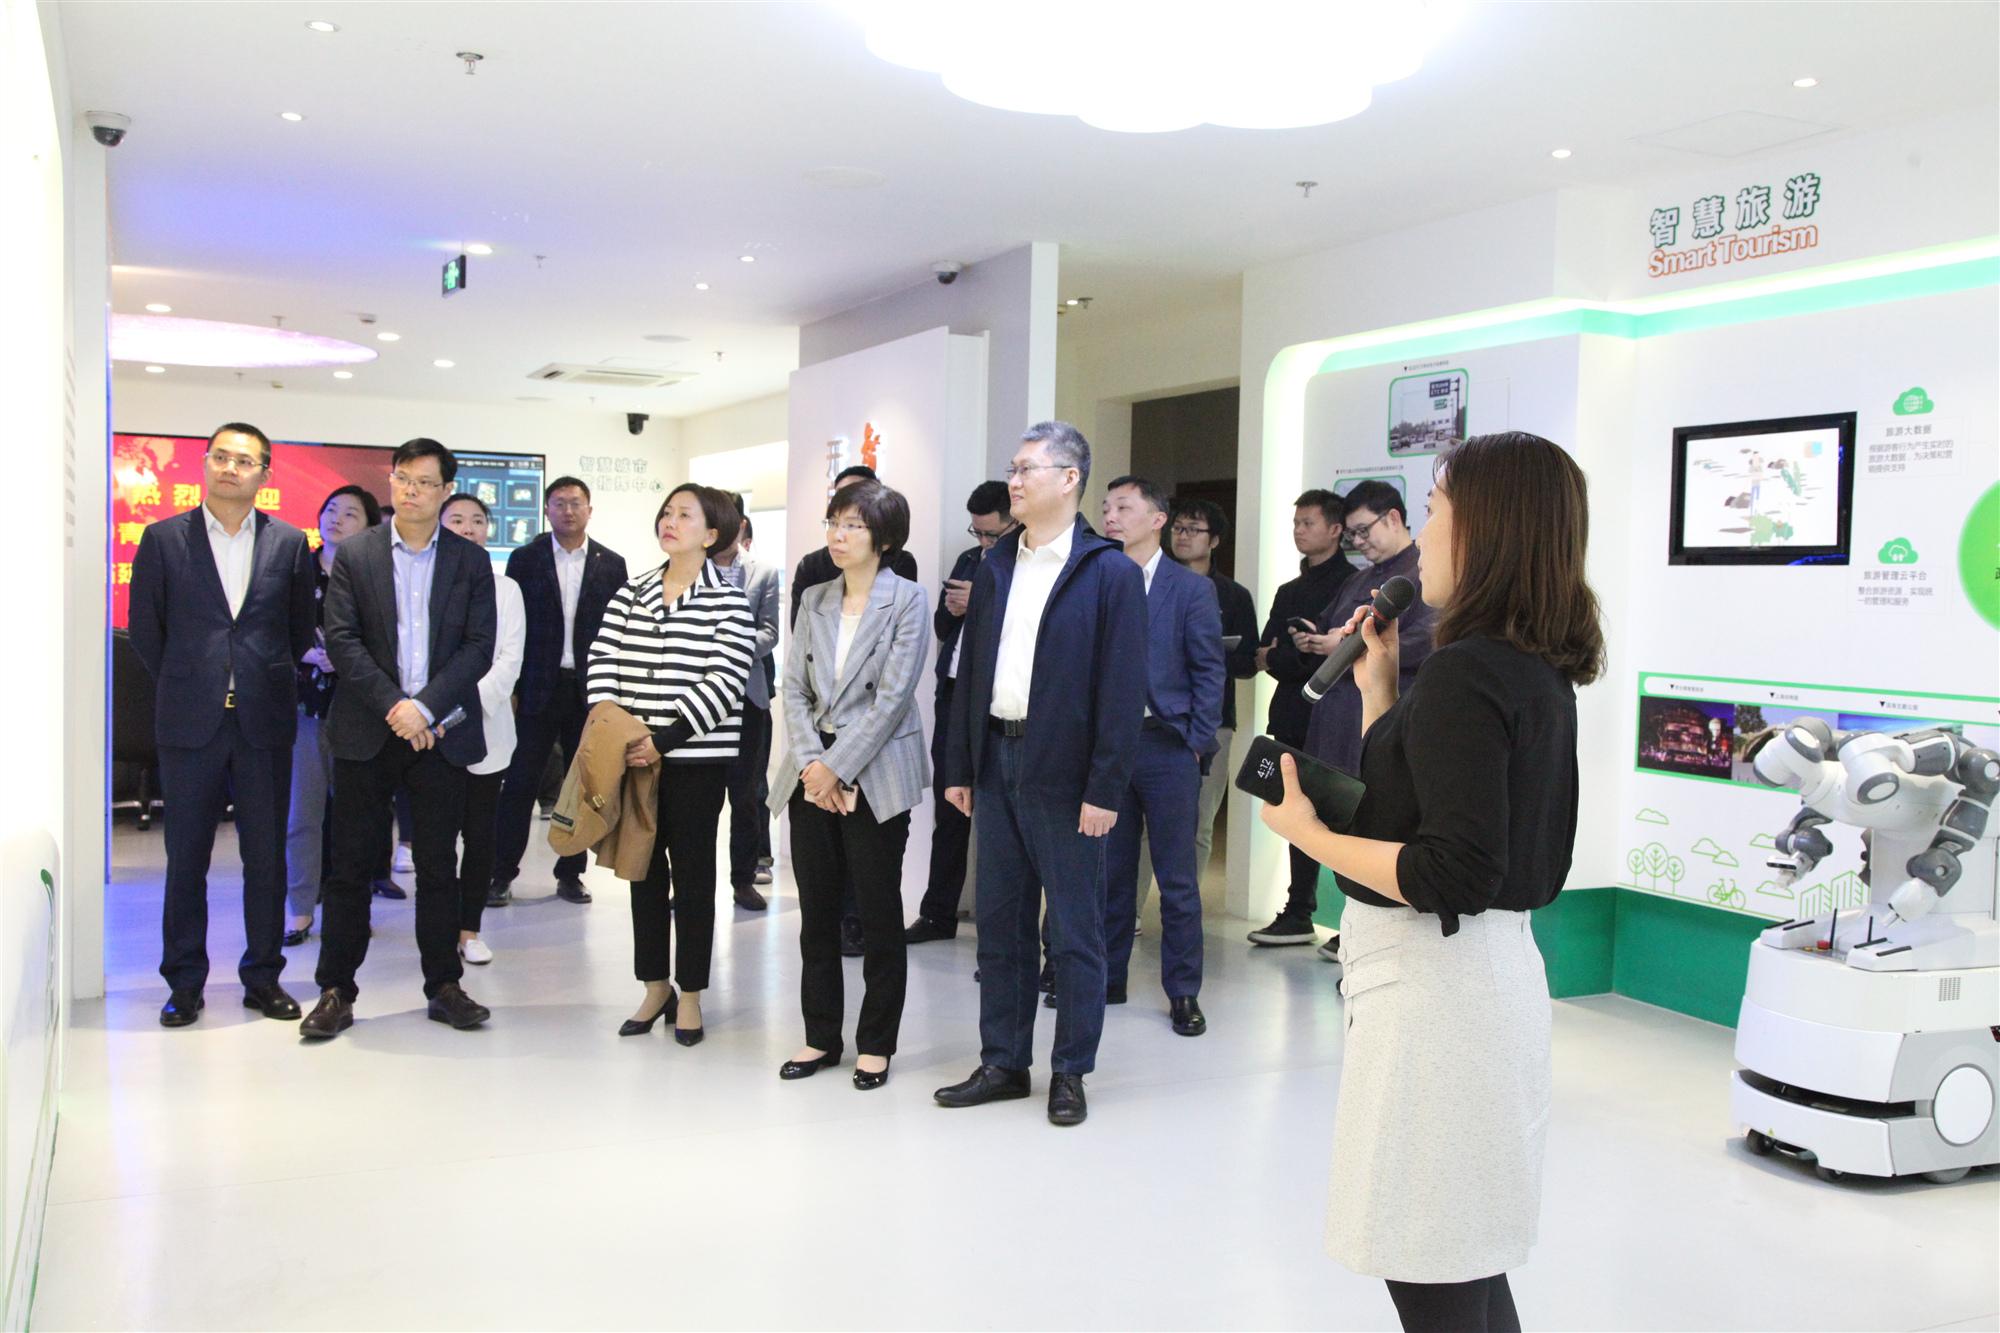 AI科技赋能智慧城市 | 上海市中青年知识分子联谊会人工智能专委会聚首皇冠国际智慧城市体验中心